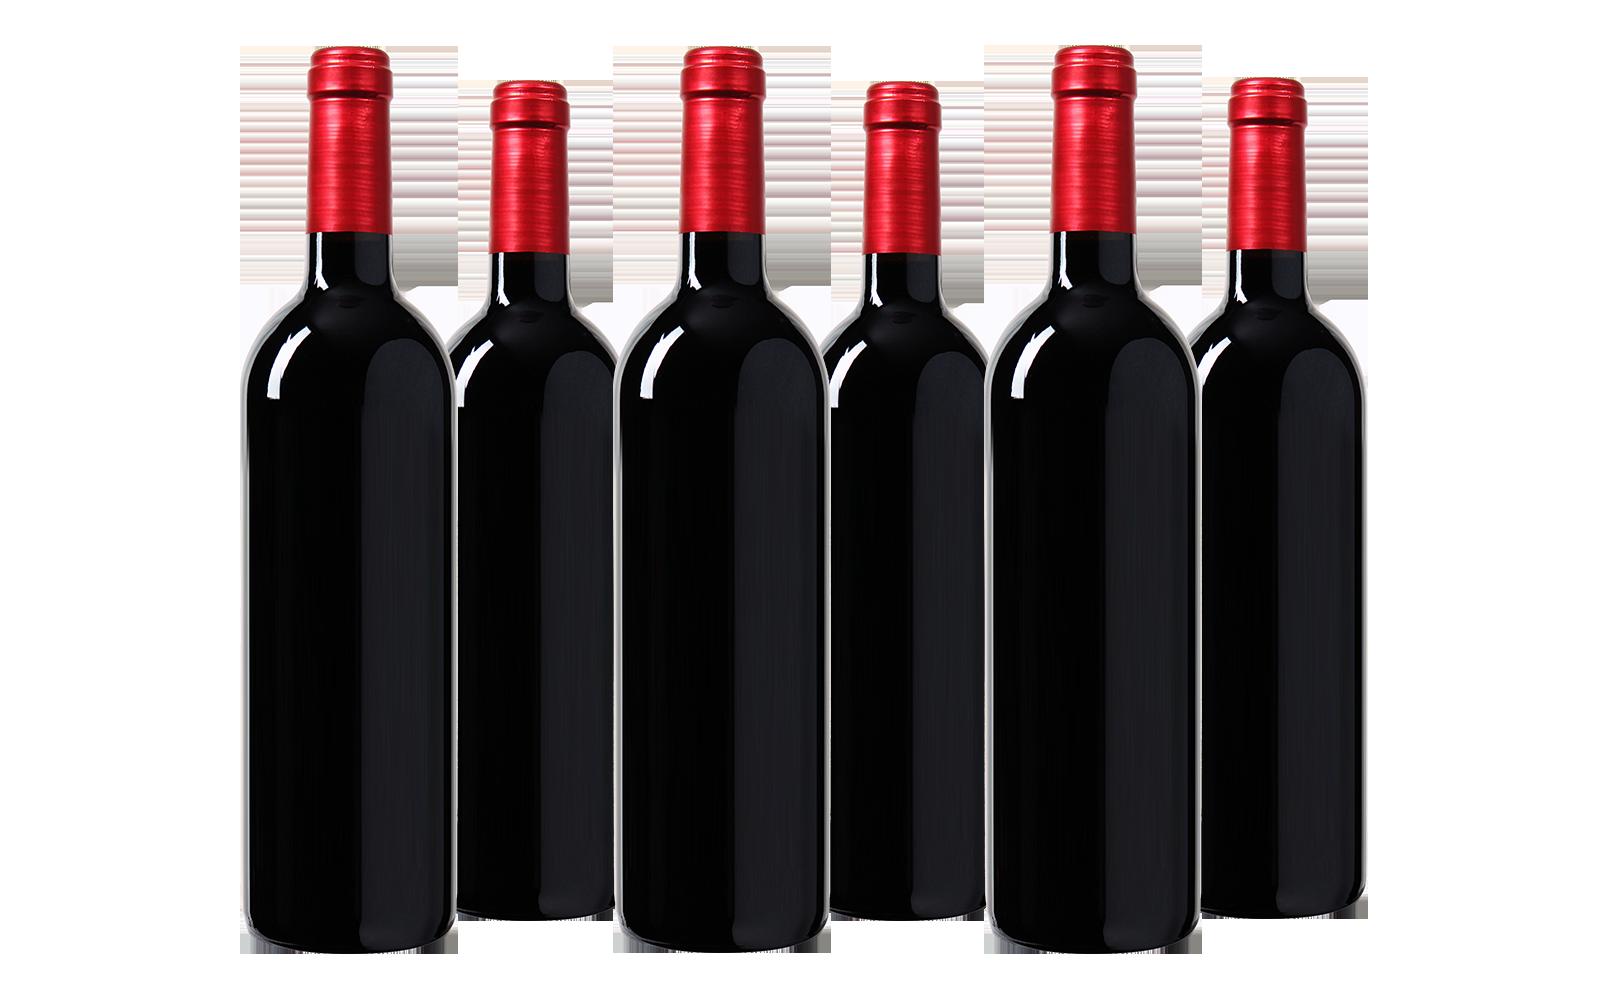 Bourgondisch Rood Verrassingspakket